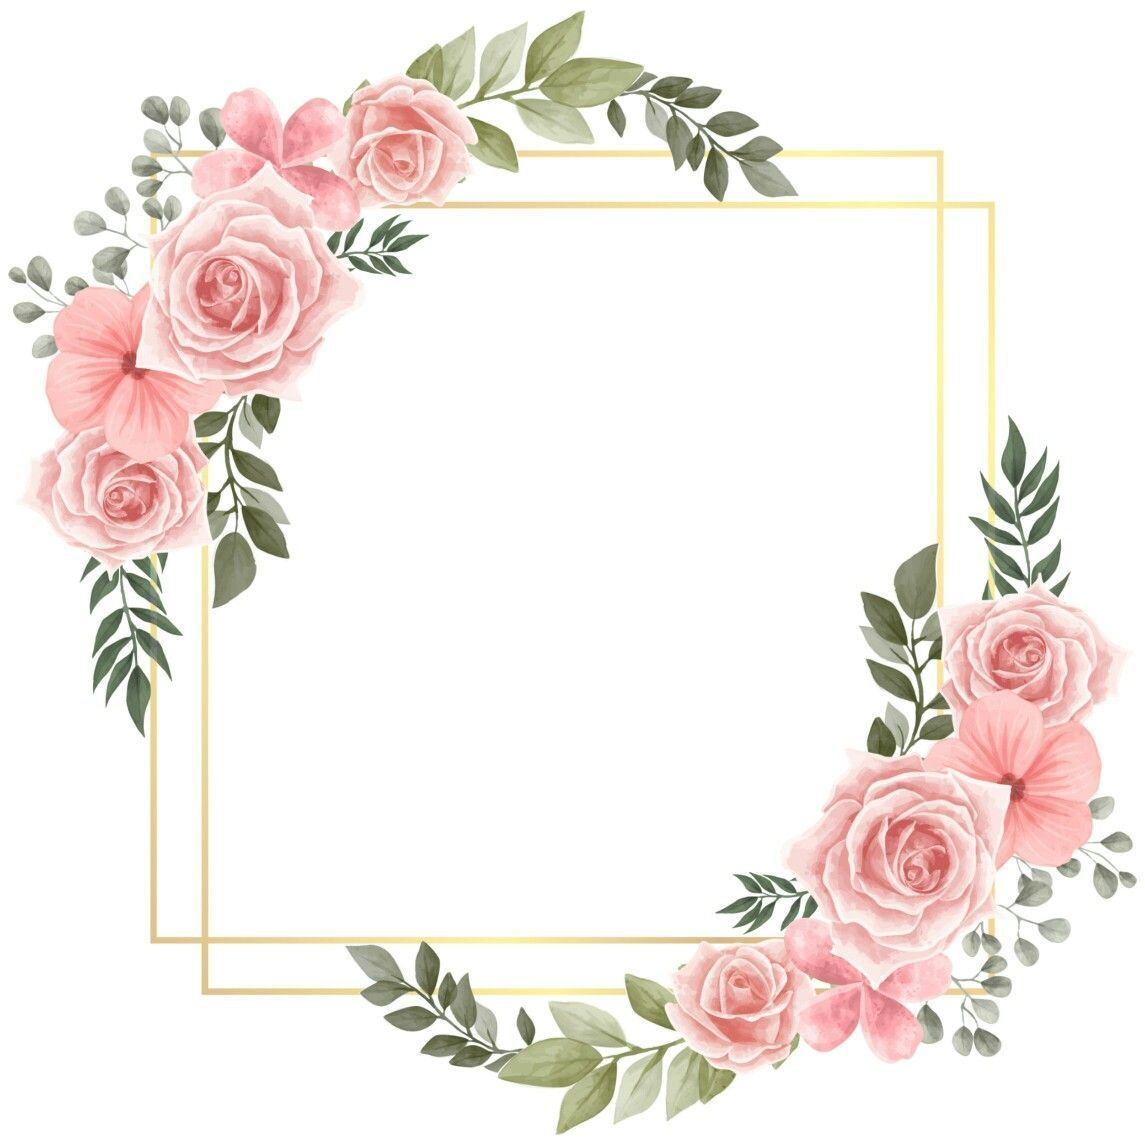 Criativo Convite Modelos De Etiqueta Quadro De Flores Agendas Ideias De Tat Flower Background Wallpaper Floral Stickers Flower Frame